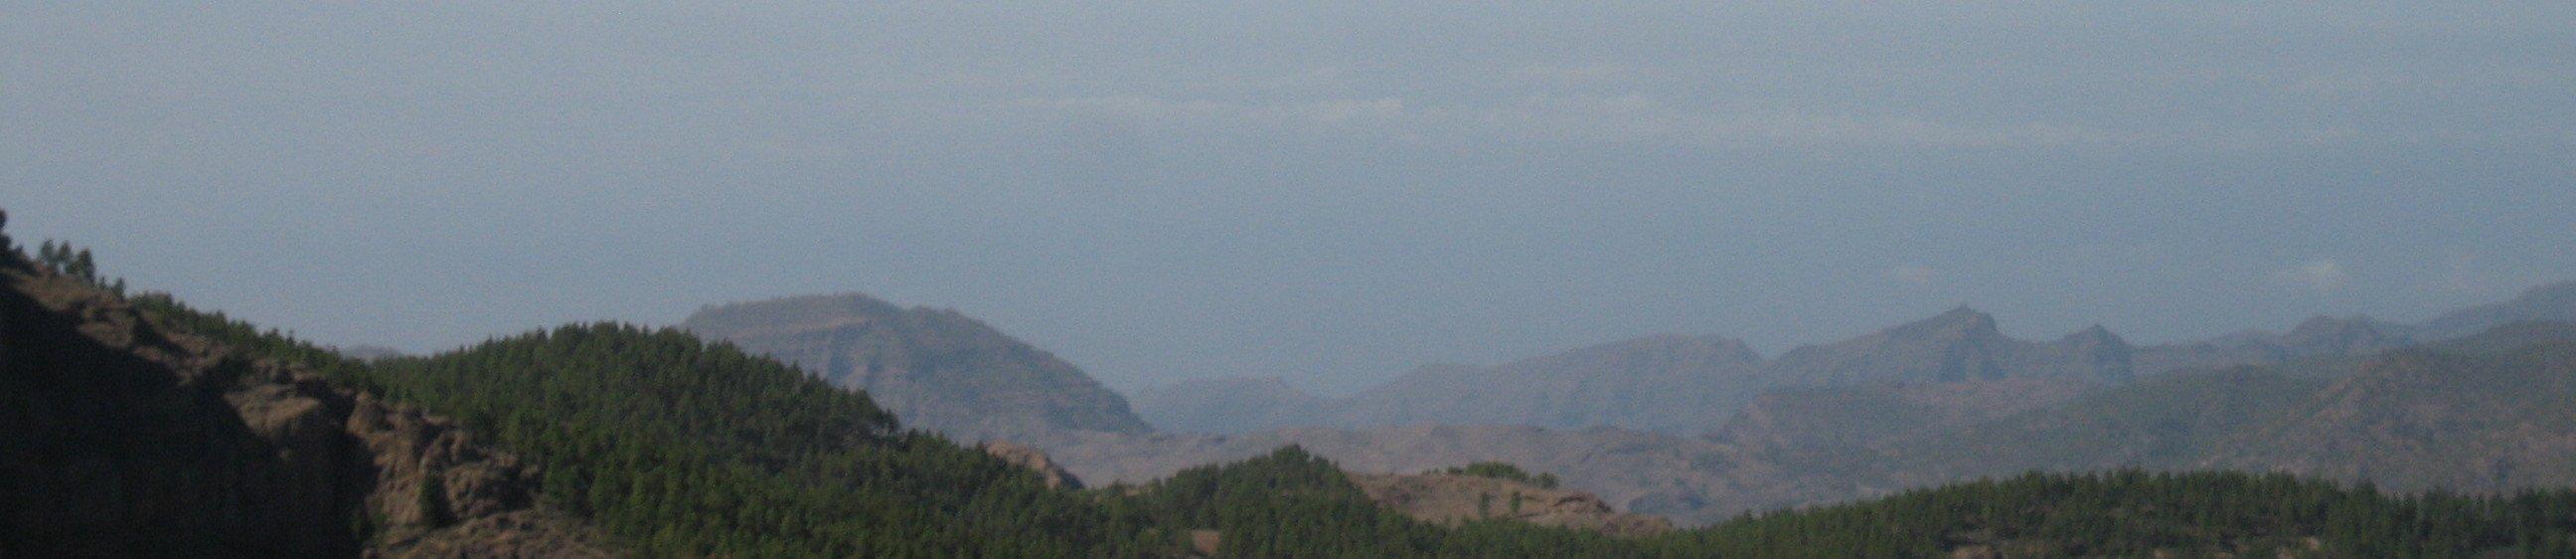 カナリア諸島 banner image